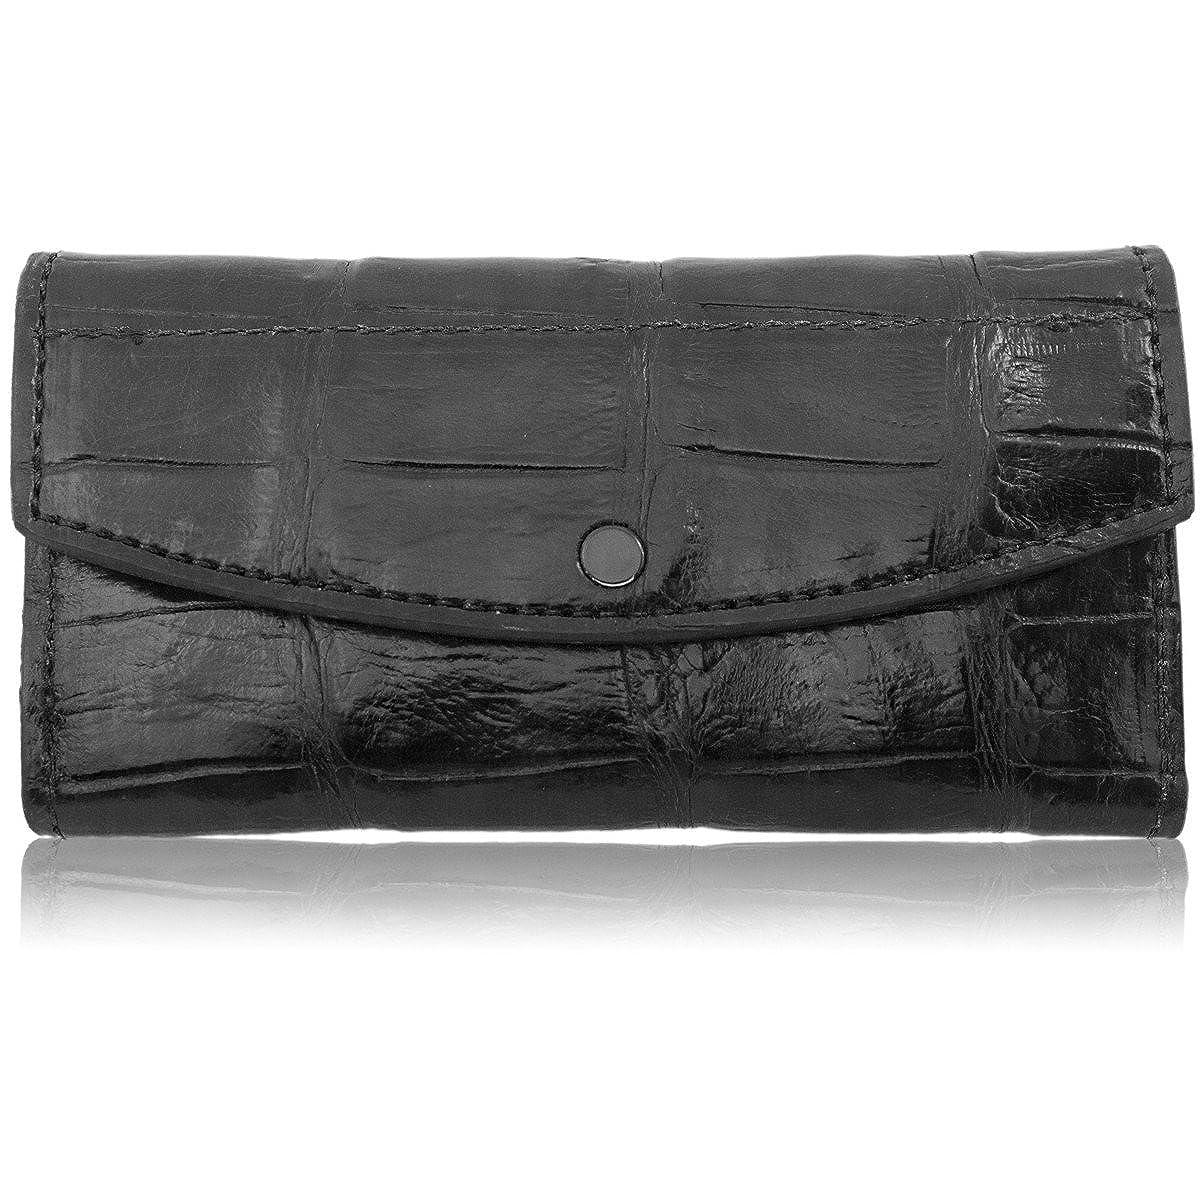 Genuine Alligator Leather Clutch Wallet Handmade